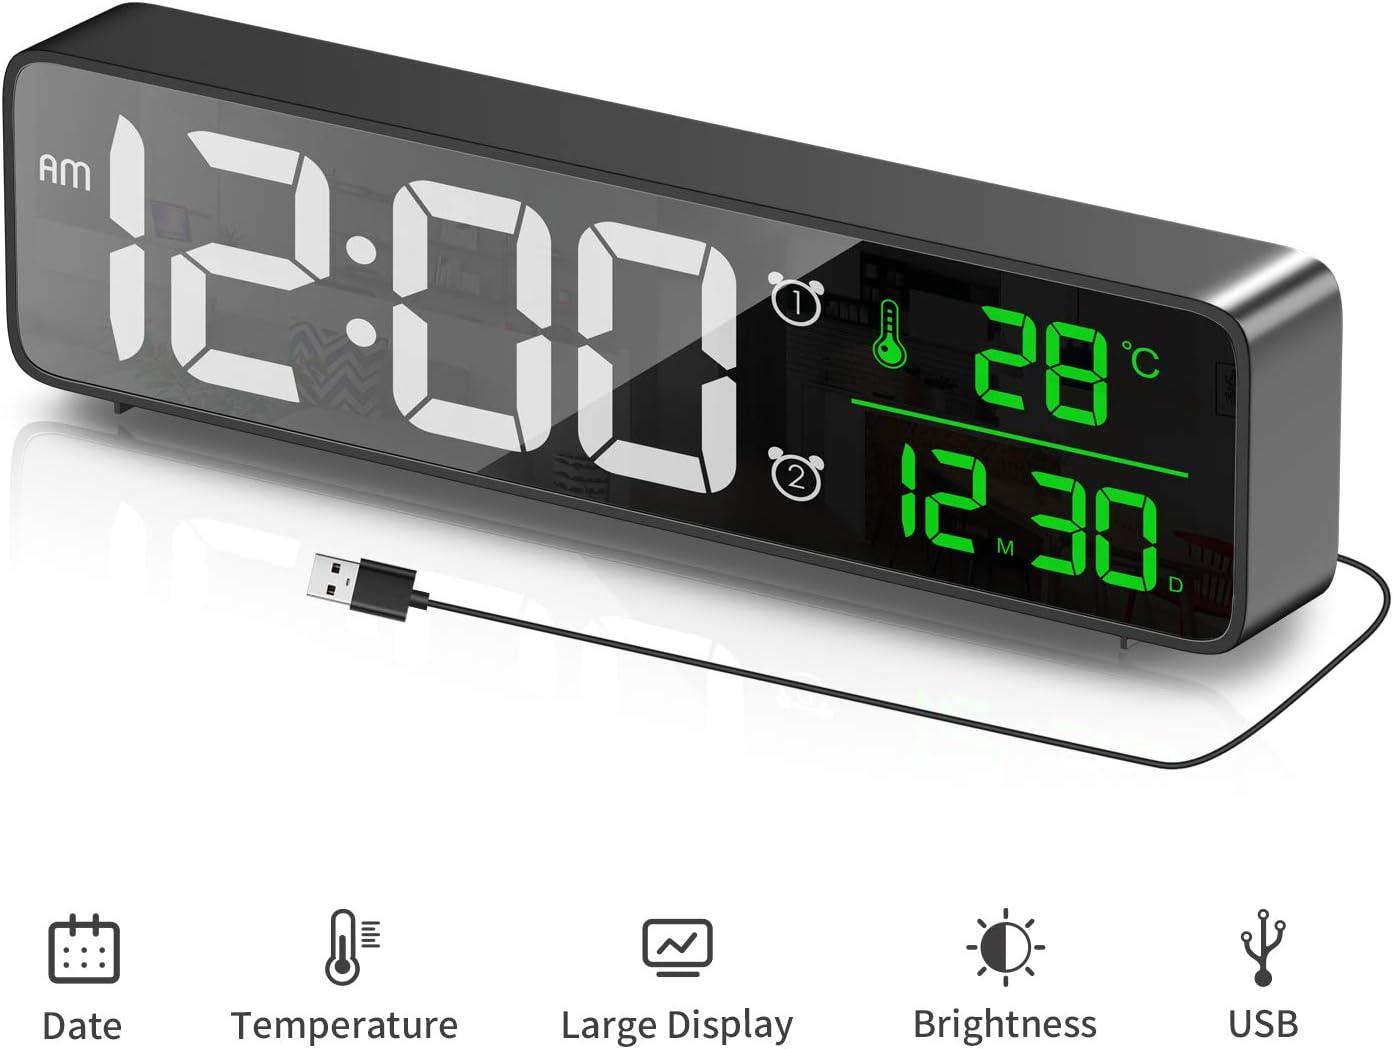 HOTERB Reloj Despertador Digital, Reloj de Espejo con Pantalla LED Grande con Alarma Dual y Temperatura y Fecha, Brillo y Volumen Ajustables para Cabecera Hogar Oficina, Negro